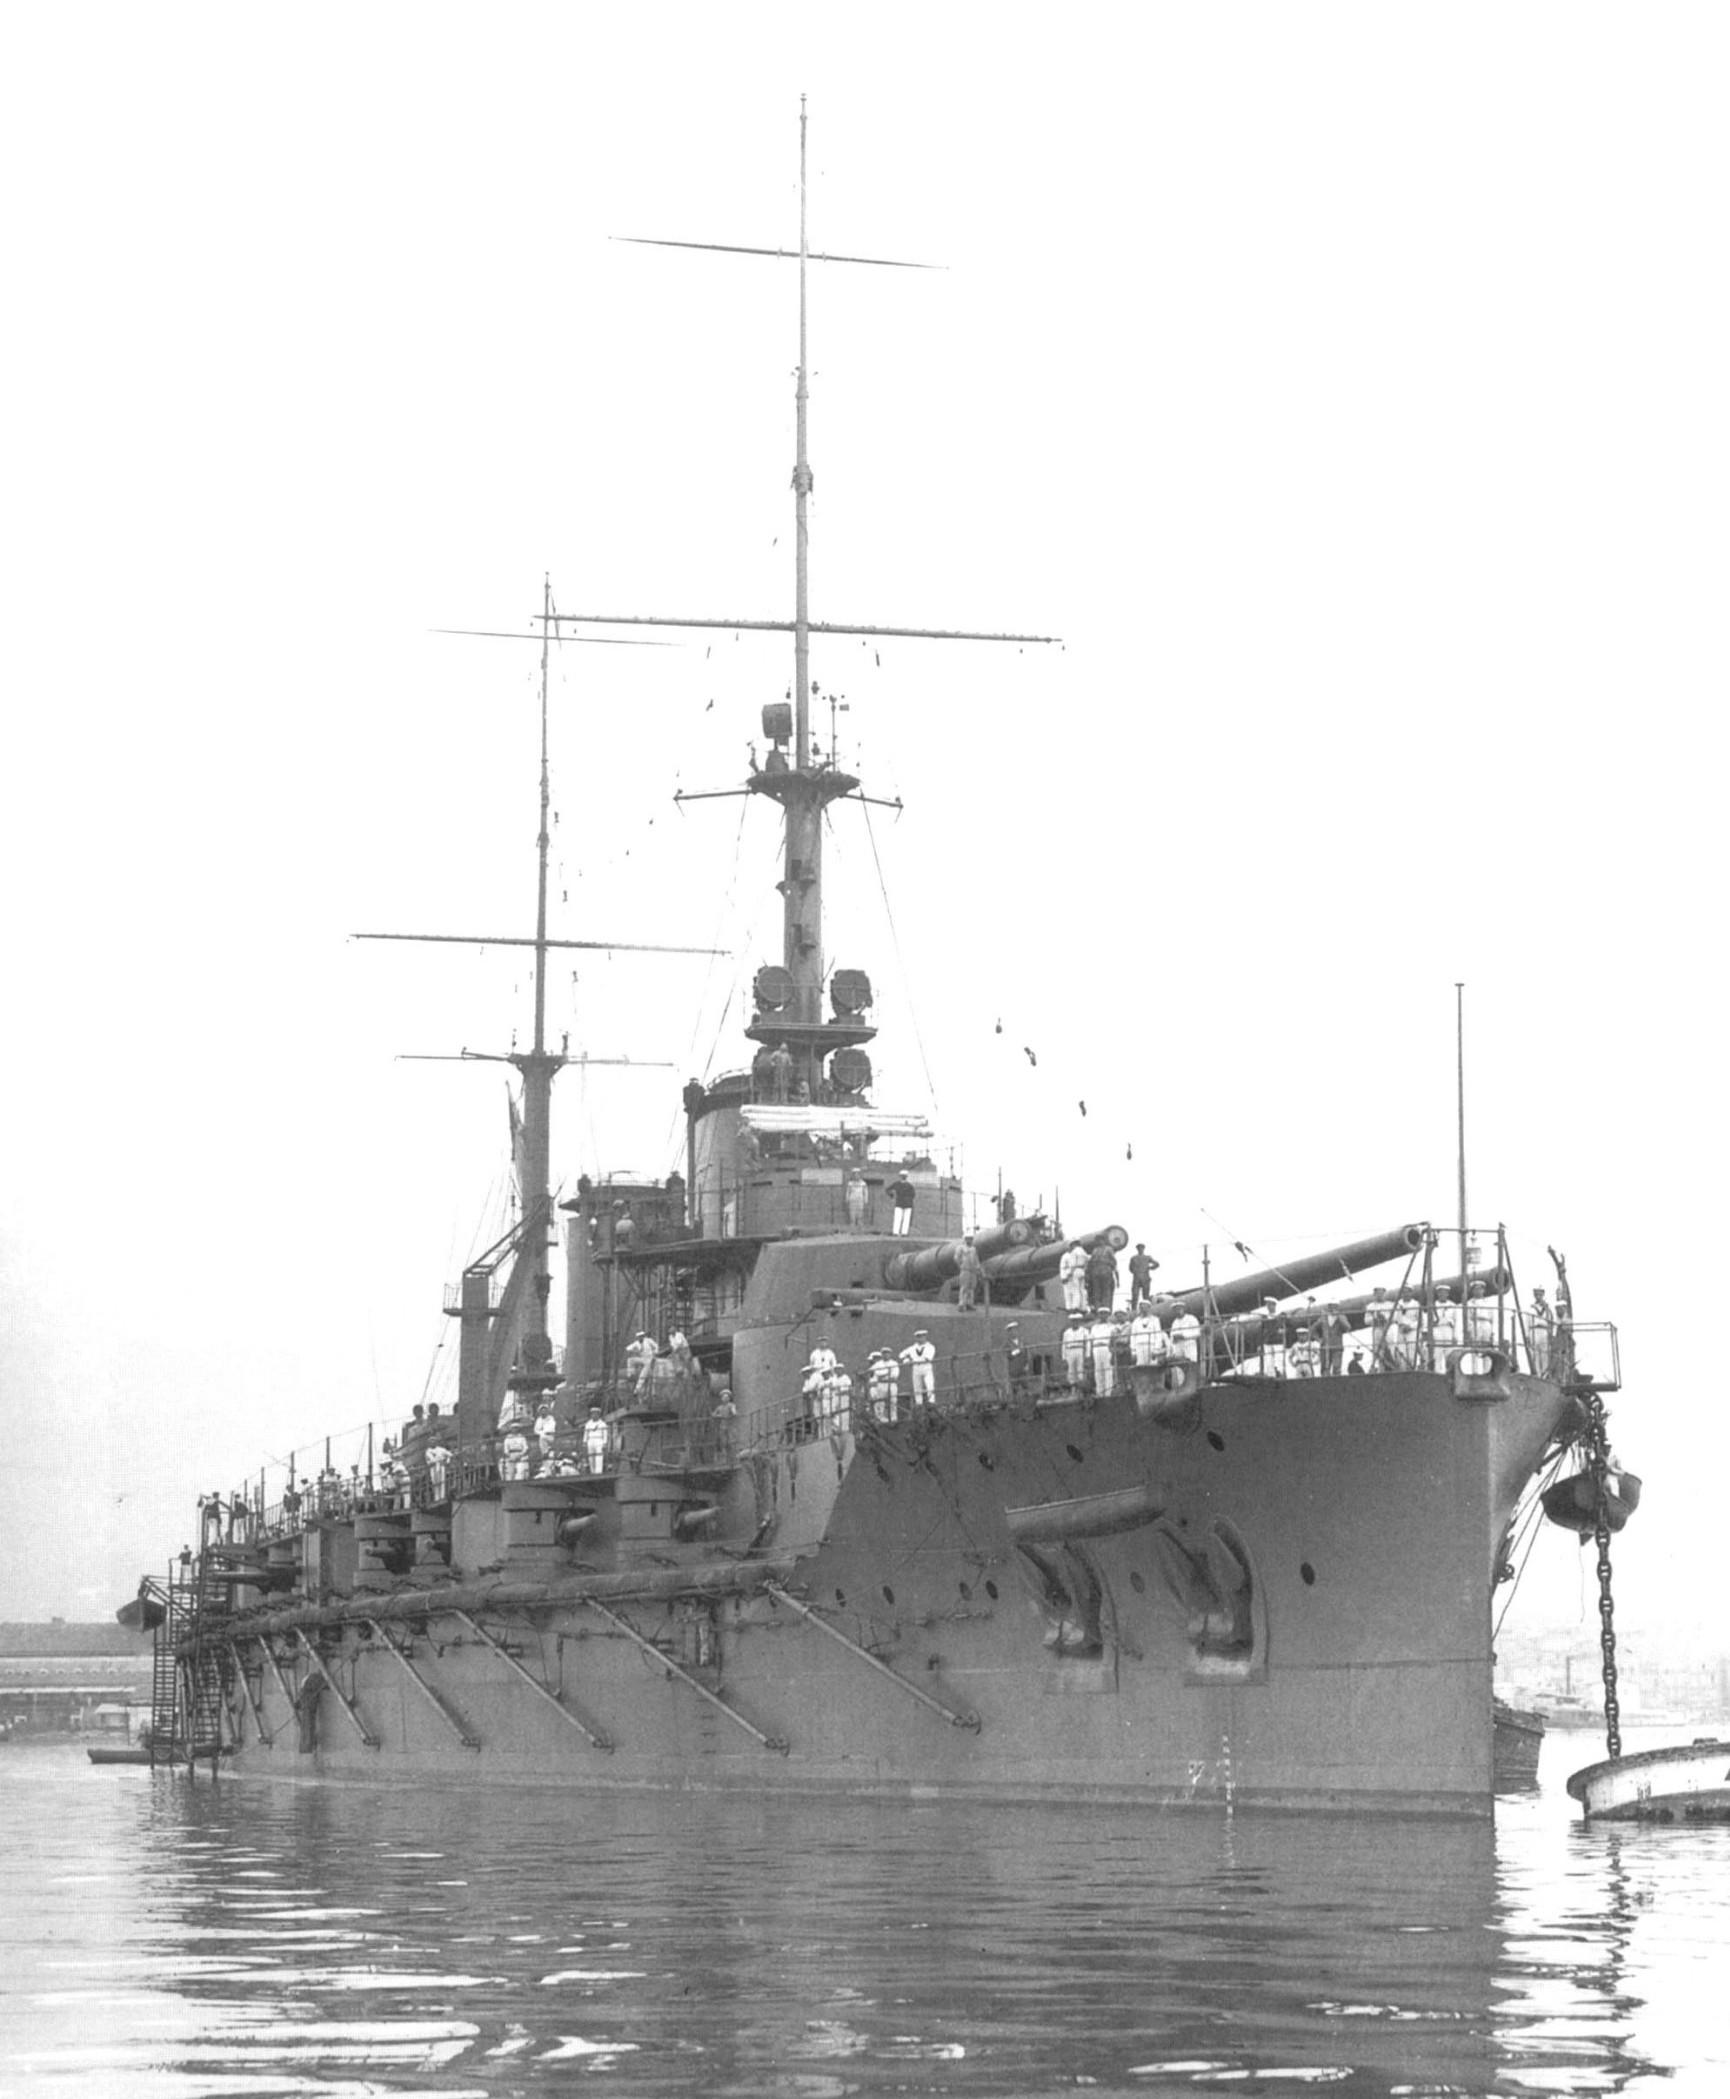 Bretagne osztályú csatahajó.